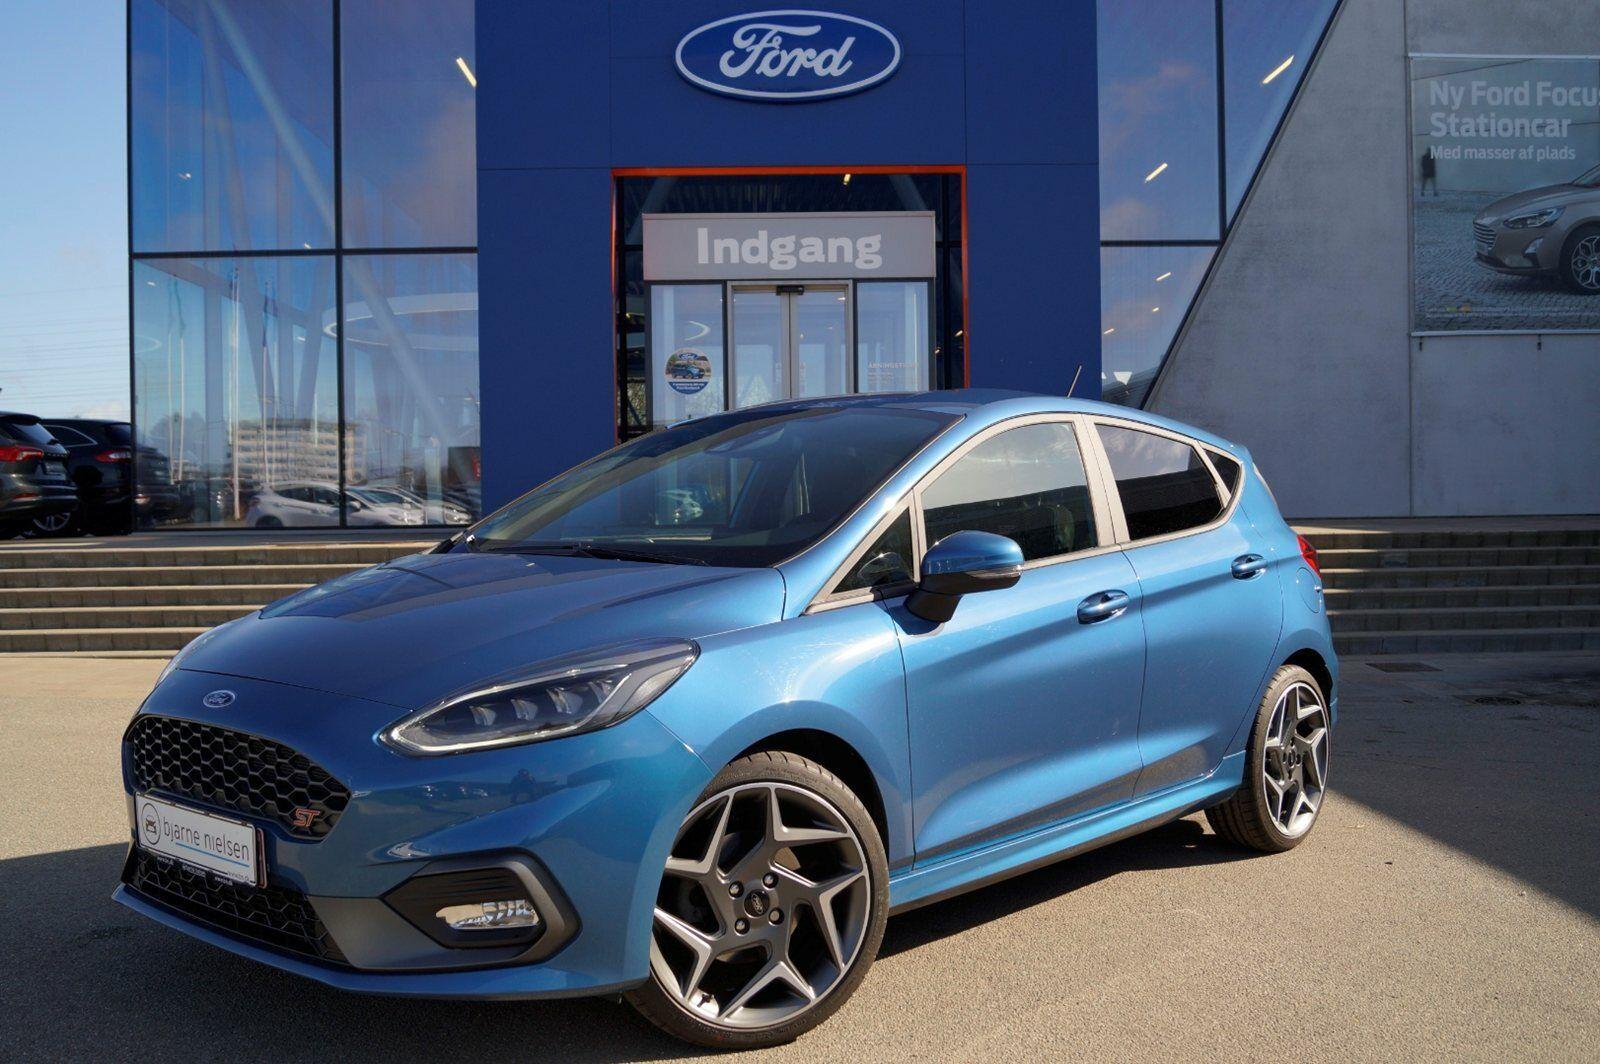 Ford Fiesta 1,5 SCTi 200 ST2 5d - 298.900 kr.